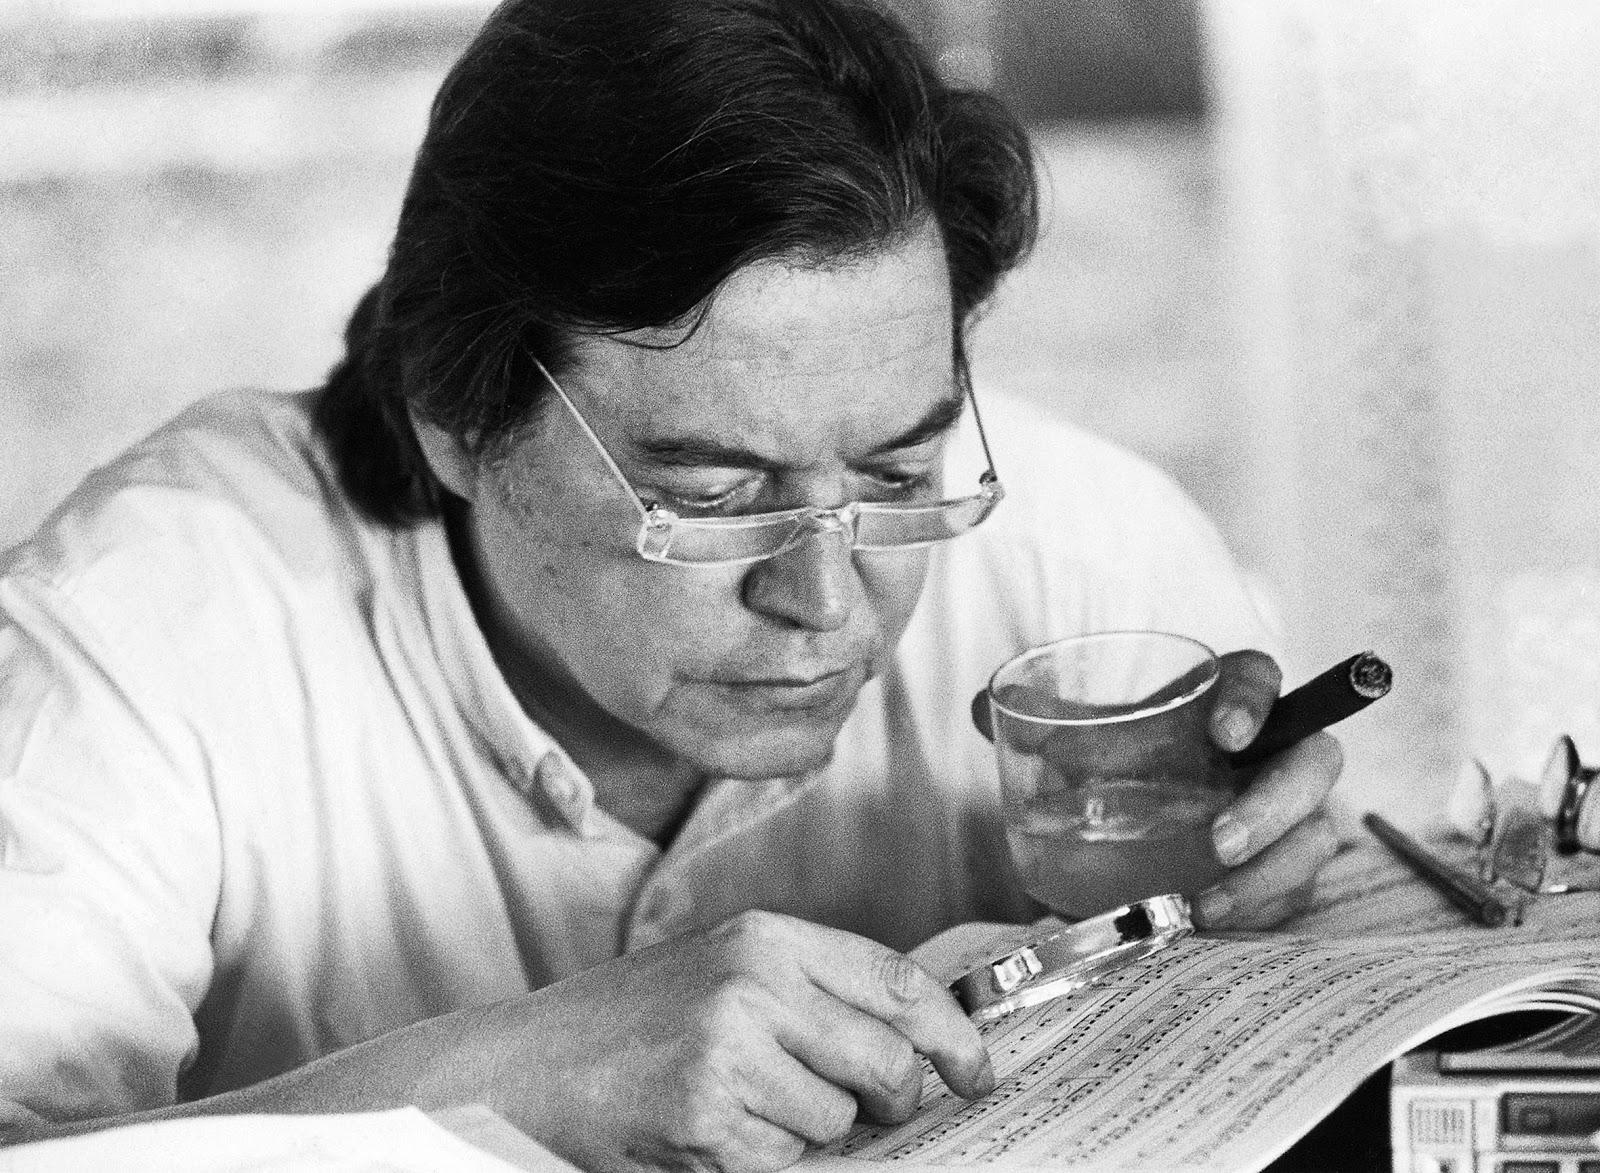 Tom Jobim Composing